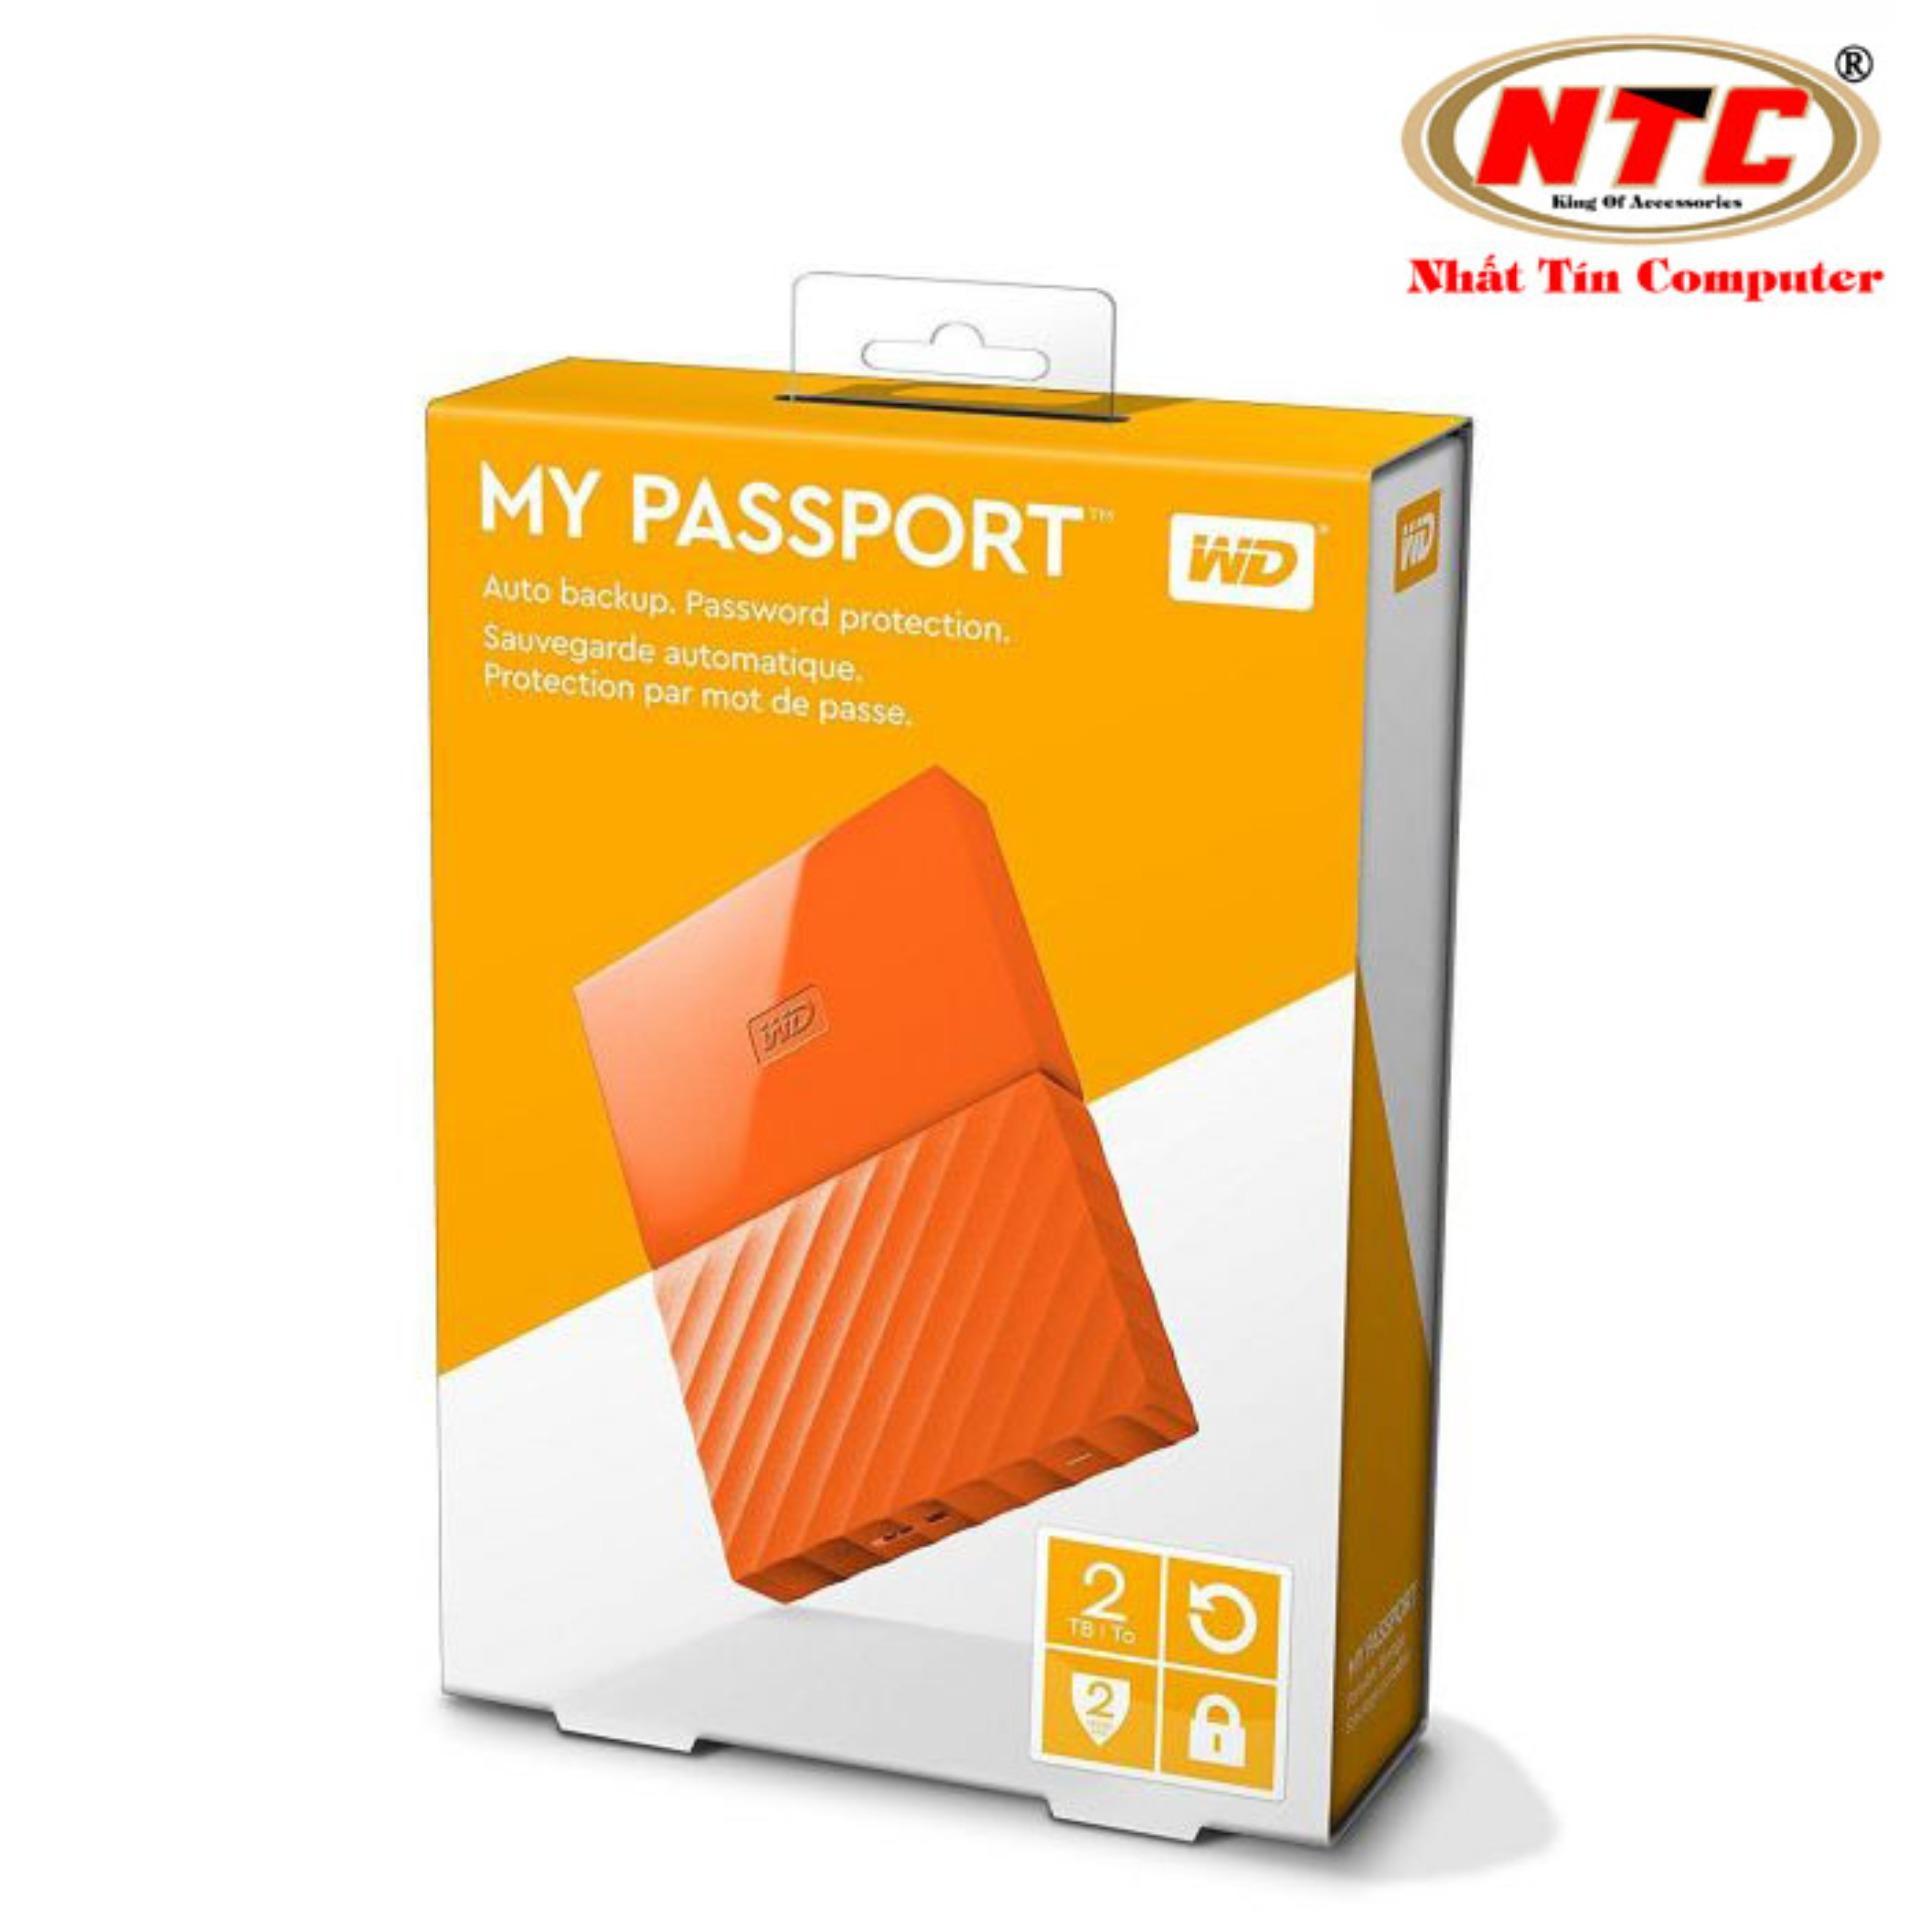 Ổ cứng di động HDD Western Digital My Passport 2TB - Model 2017 (Cam)